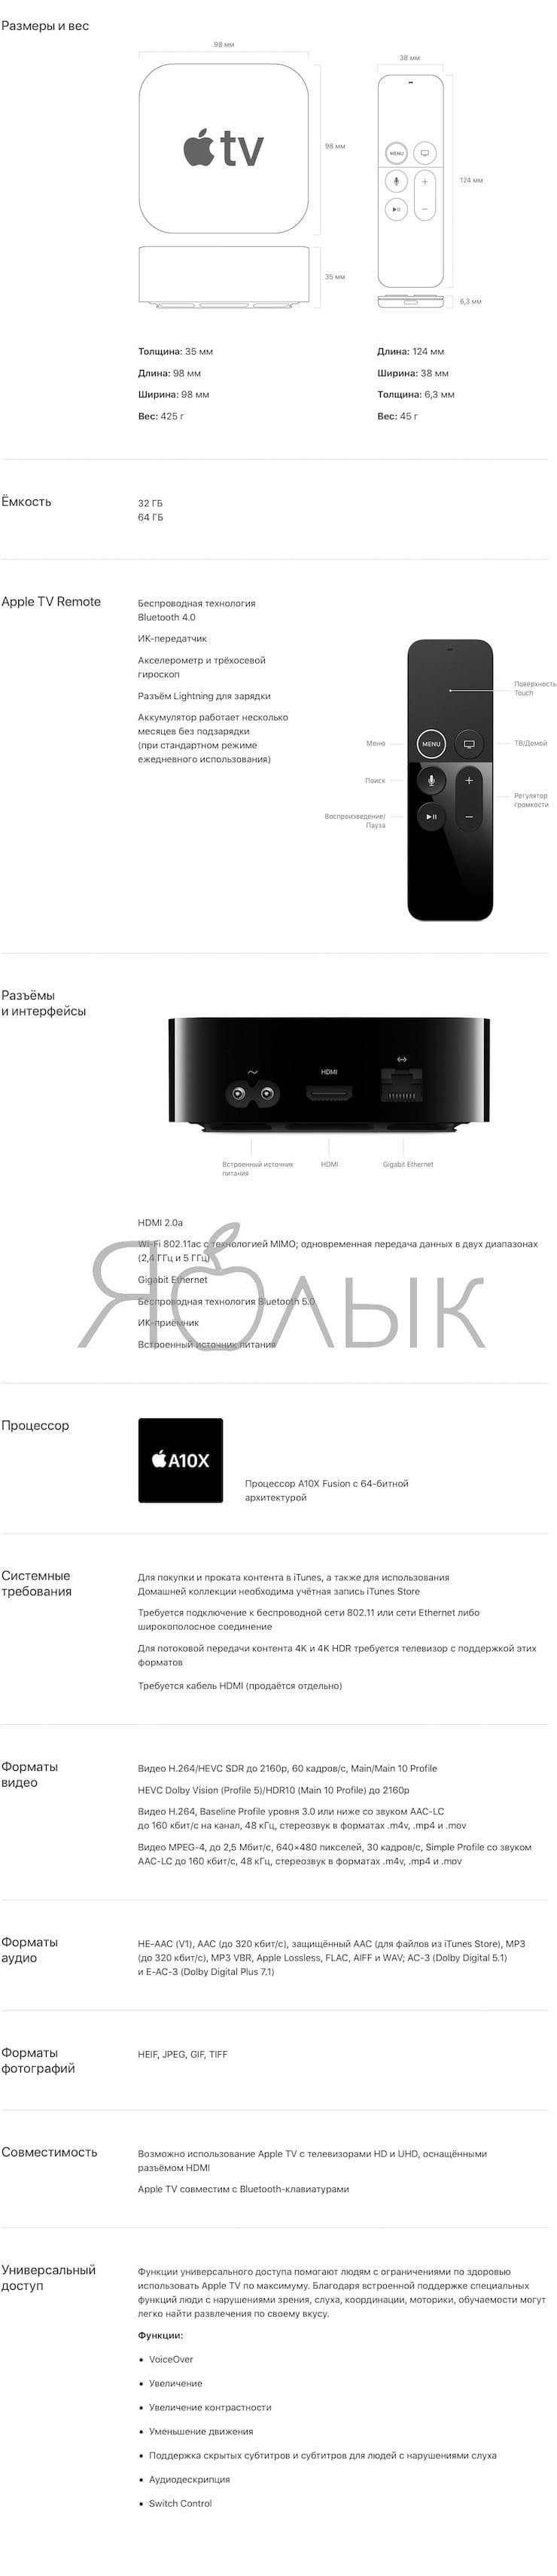 Технические характеристики (спецификации) Apple TV 4K